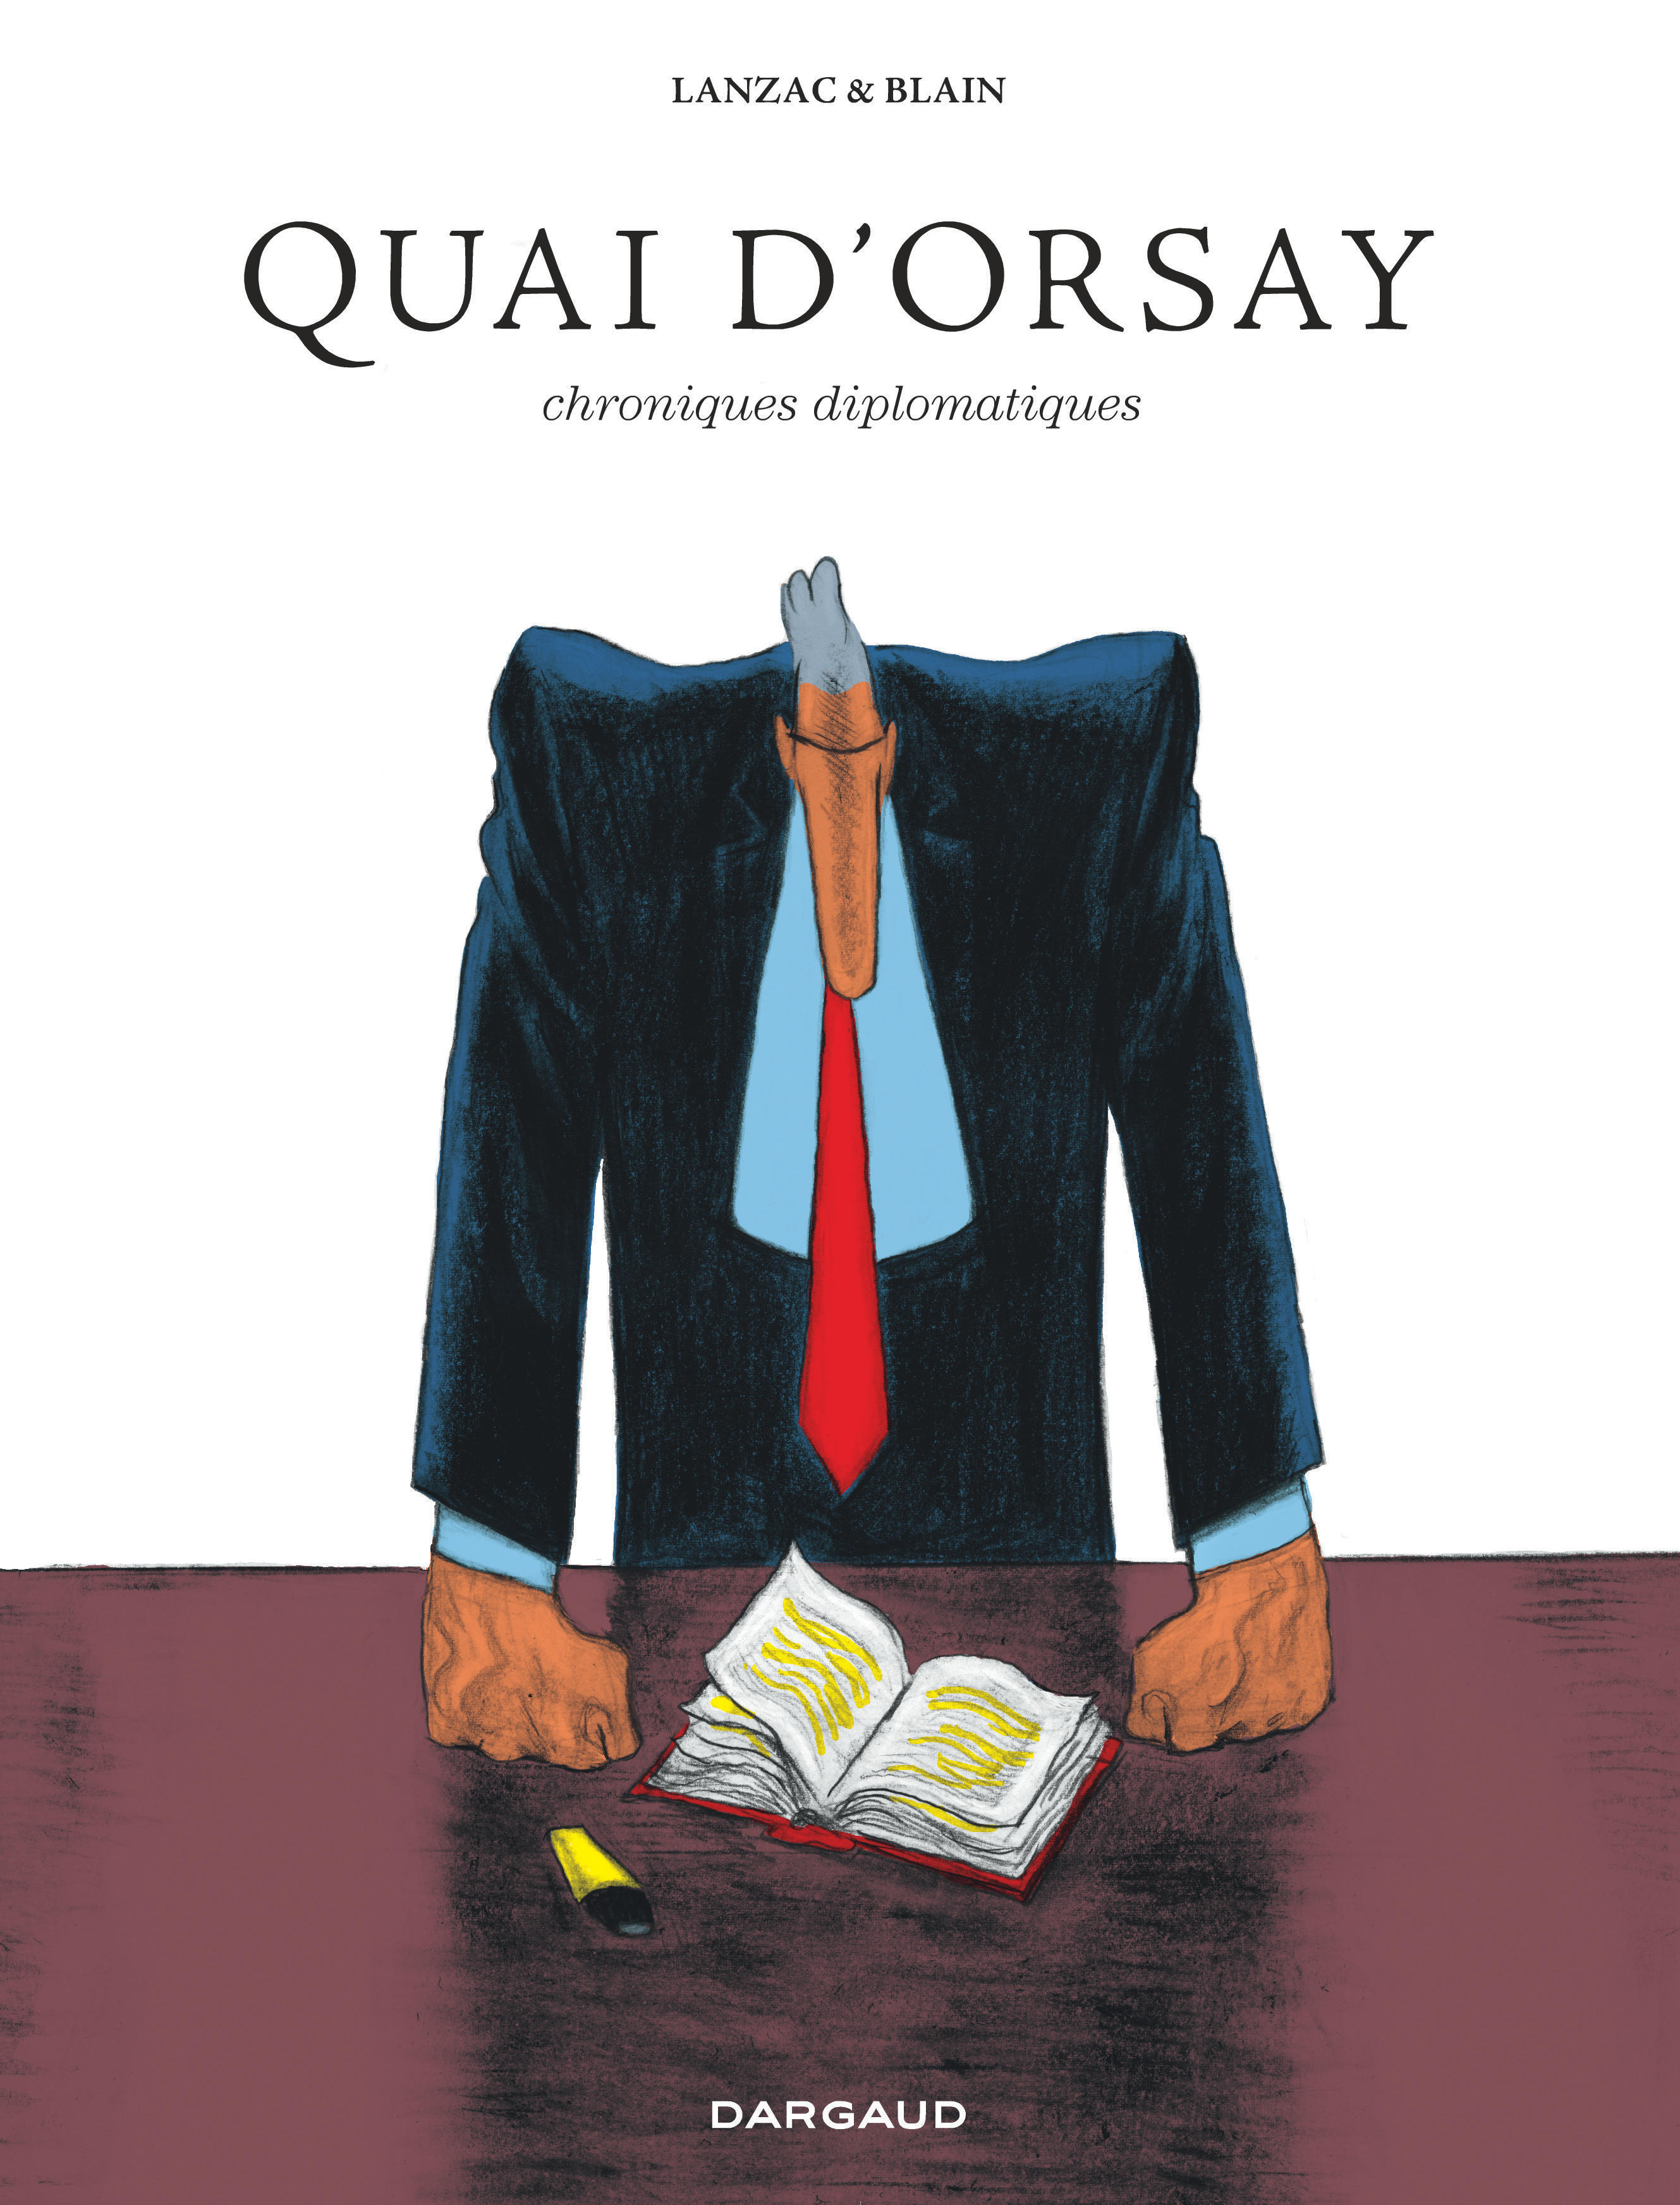 QUAI D'ORSAY INTEGRALE - QUAI D'ORSAY - L'INTEGRALE